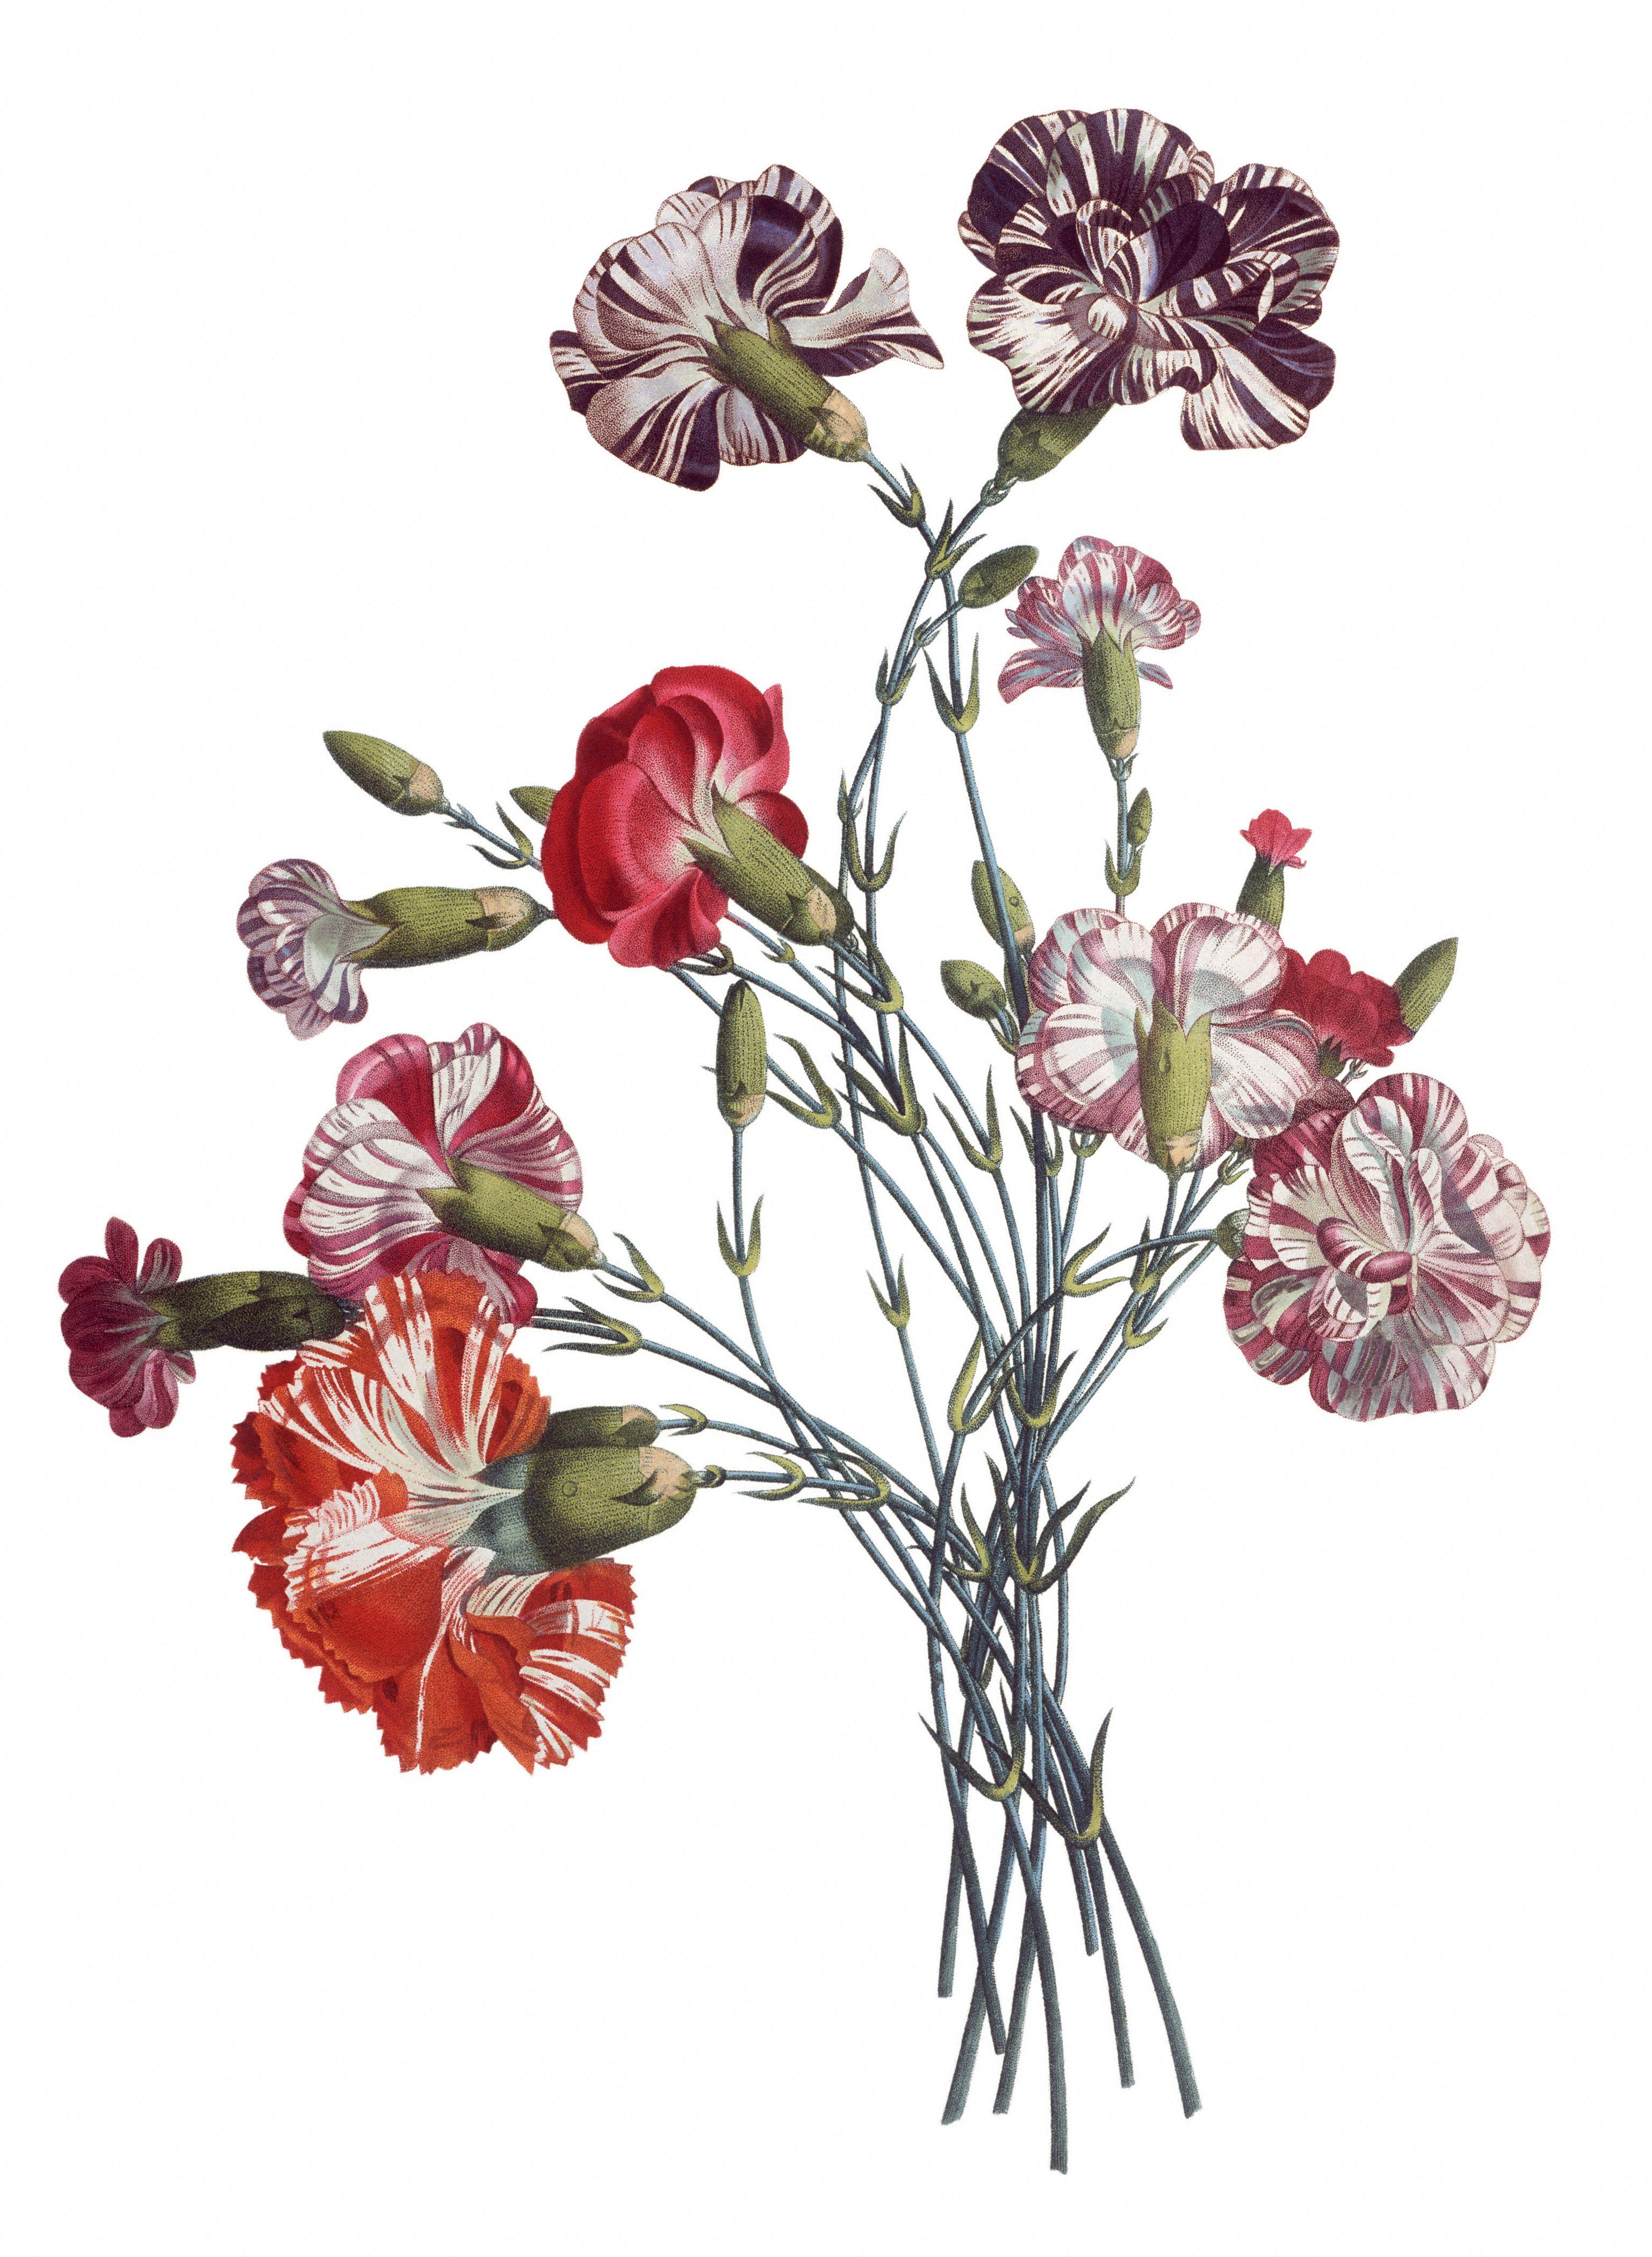 Vintage Flower Drawings 46